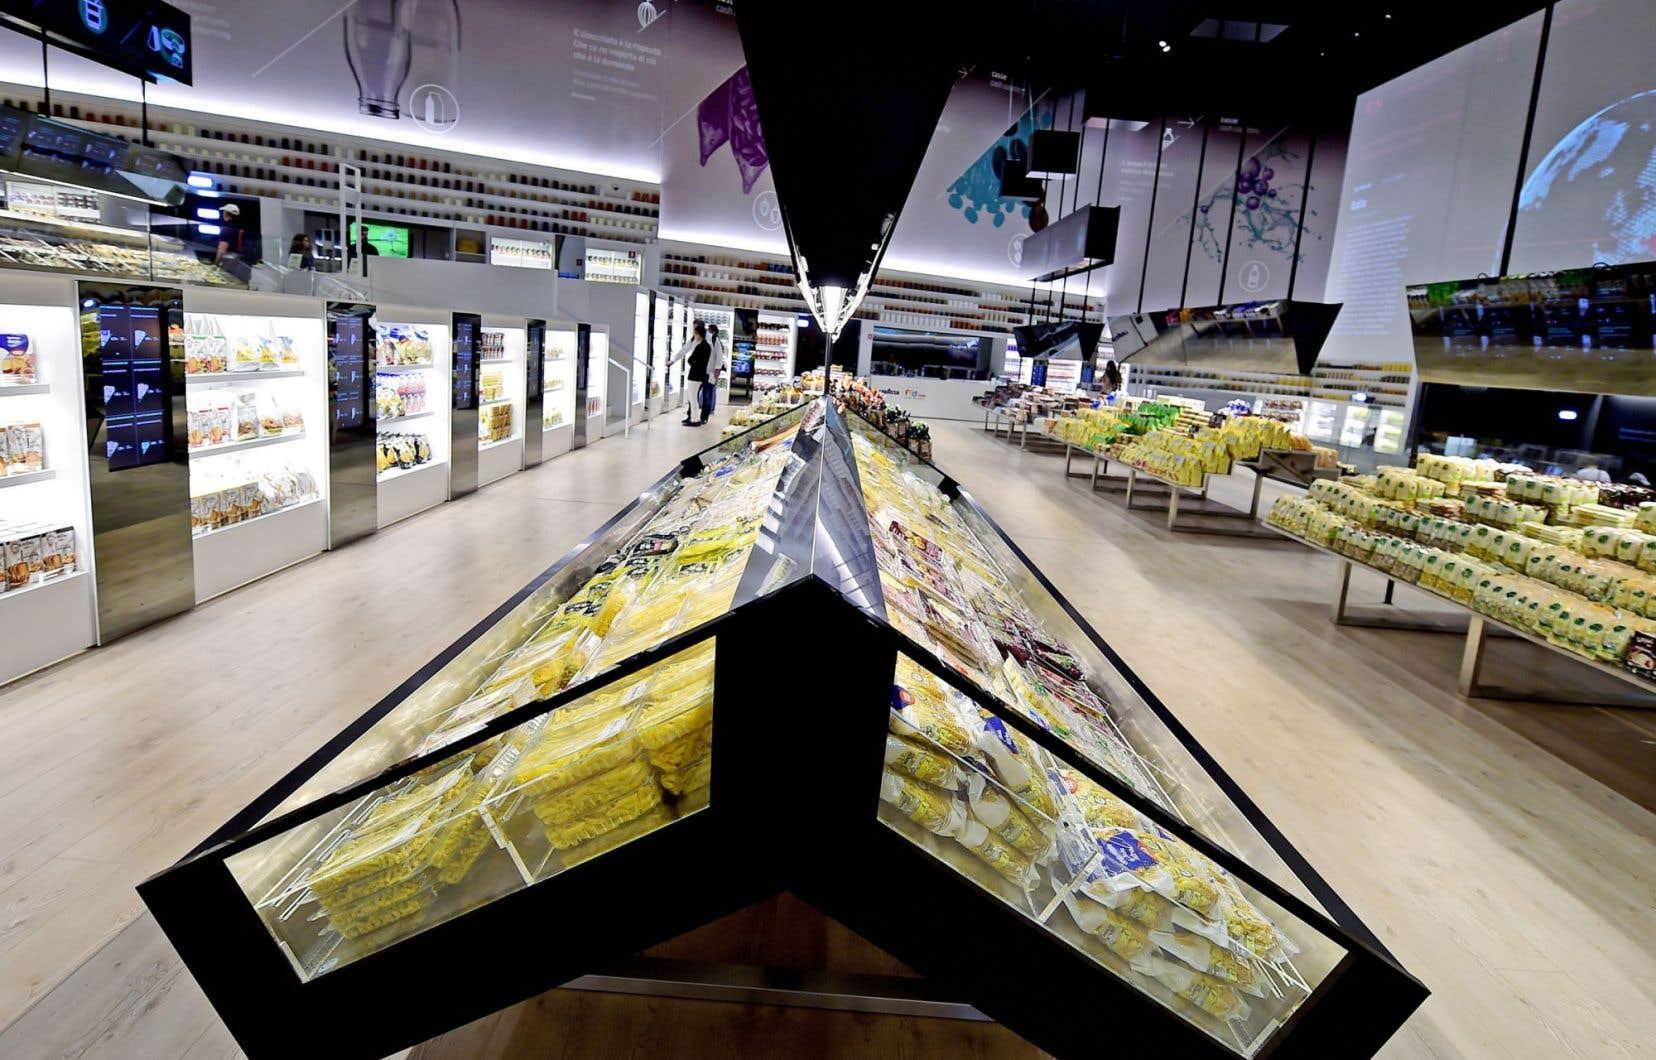 Vue sur le «Future Food District» (#FFF, sur l'alimentation de l'avenir), le supermarché de demain qui s'appuie sur les nouvelles technologies électroniques.